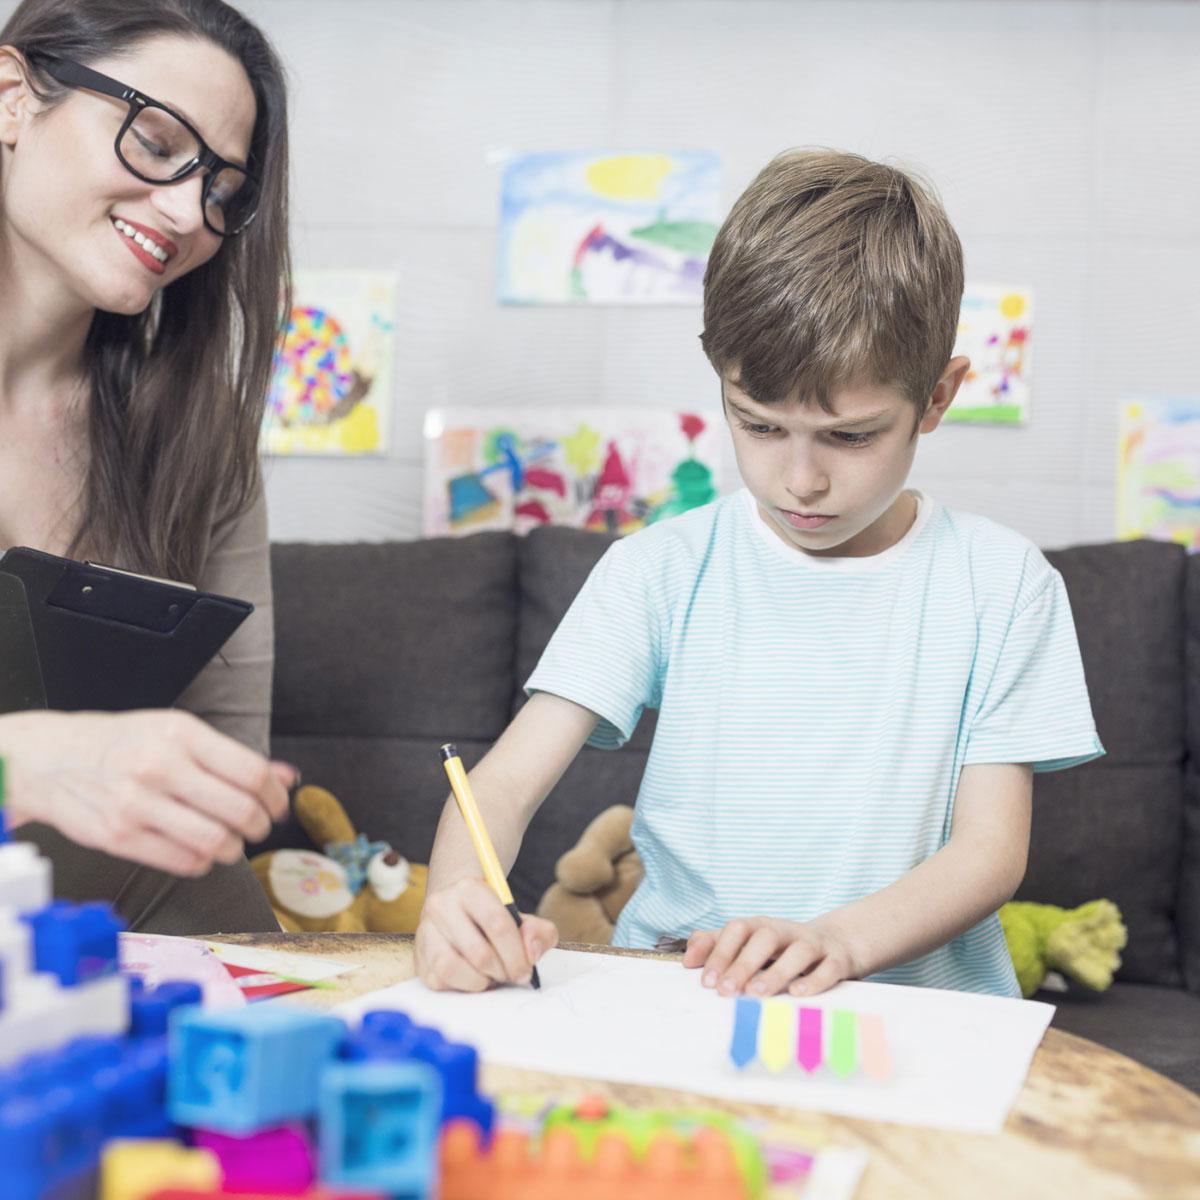 Centrum Terapii Dziecka i Rodziny - Badanie skalą inteligencji Standord Binet 5